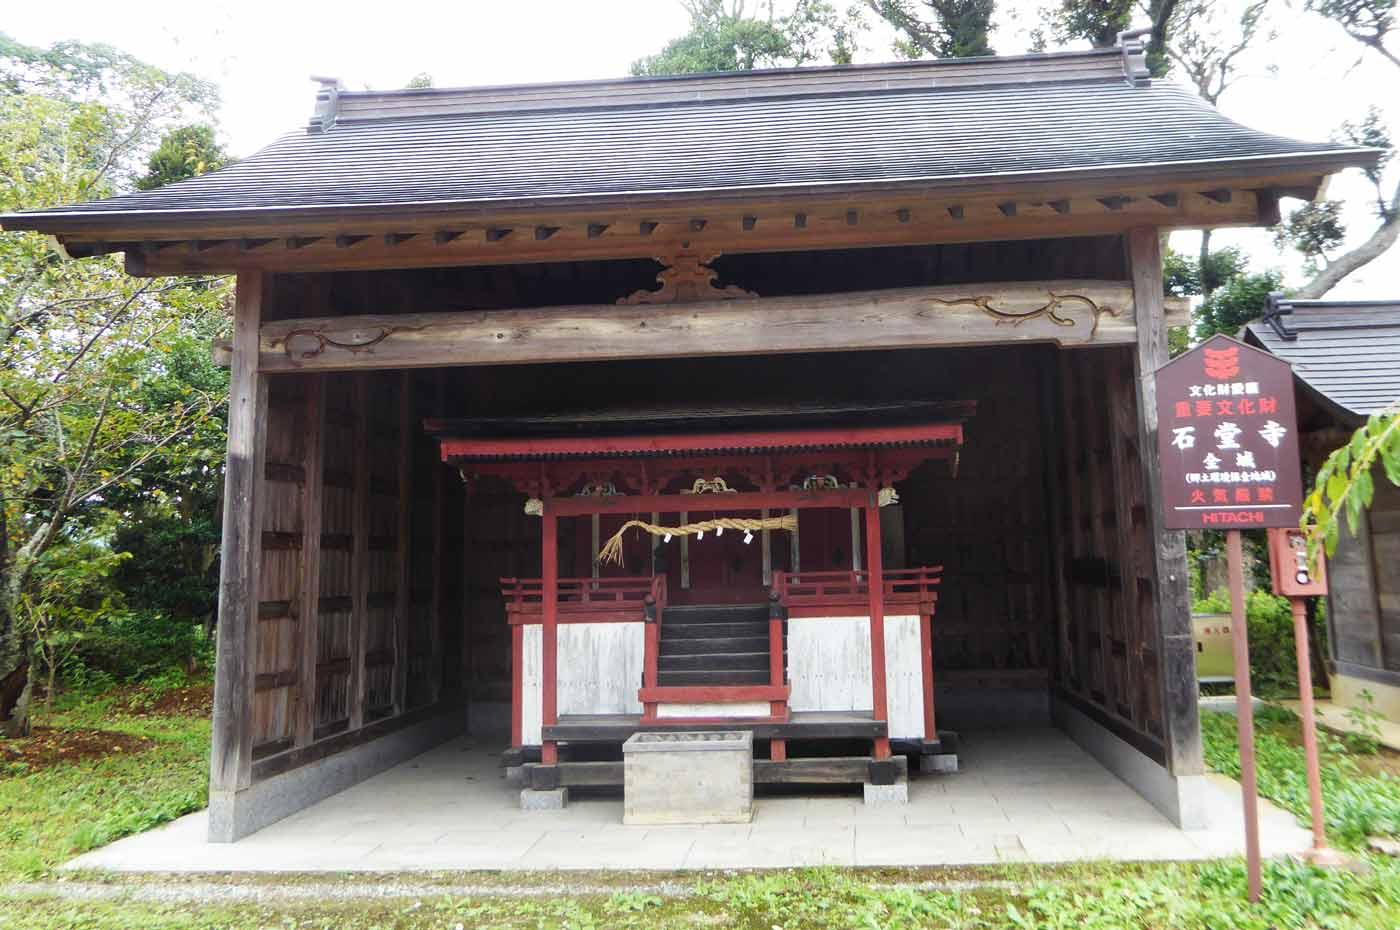 石堂寺の山王堂(千葉県指定文化財)の画像